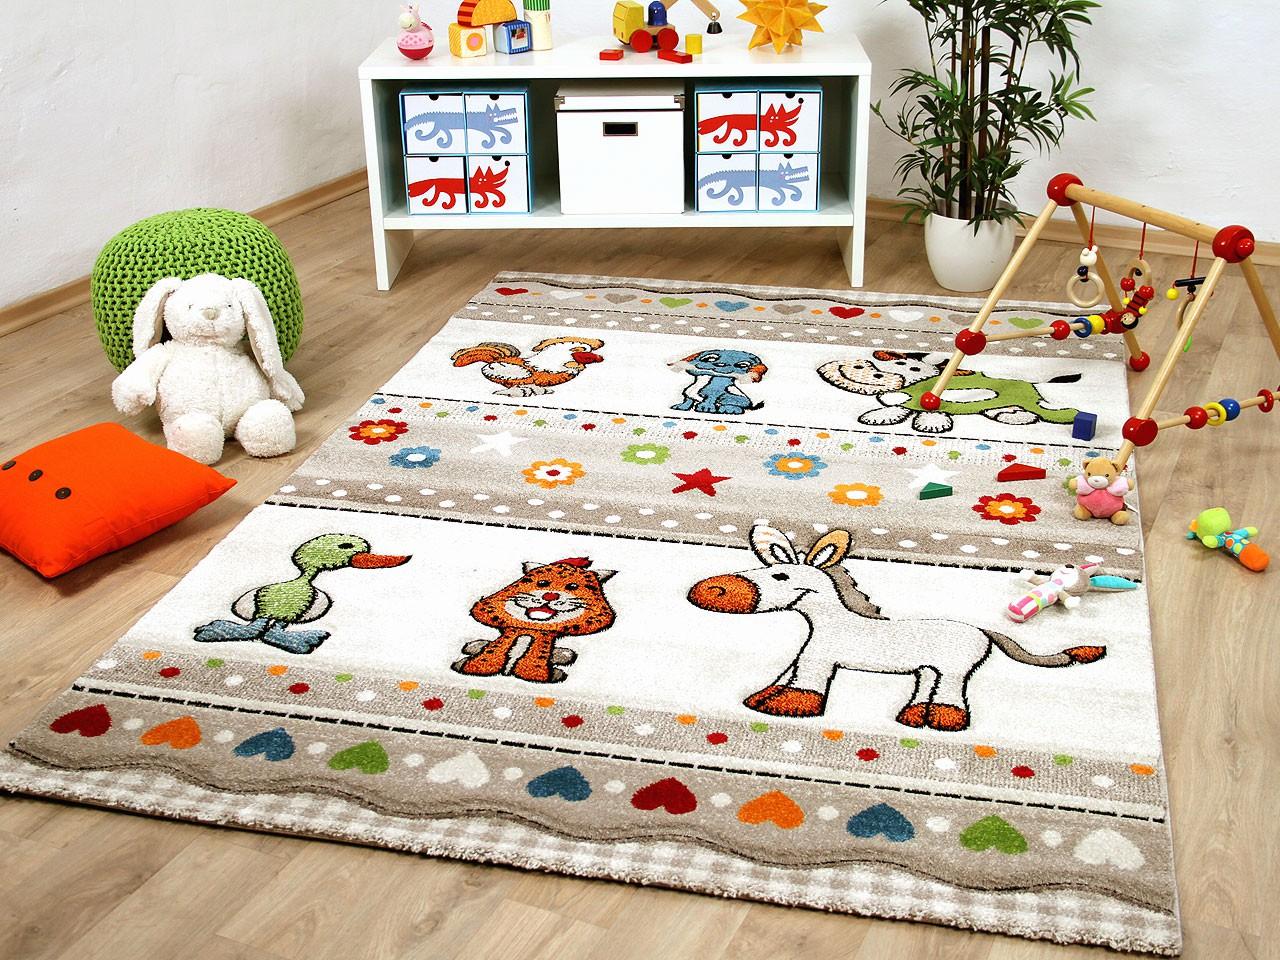 Full Size of Kinderzimmer Teppiche Teppich Savona Kids Farm Tiere Bunt Und Regal Wohnzimmer Sofa Weiß Regale Kinderzimmer Kinderzimmer Teppiche